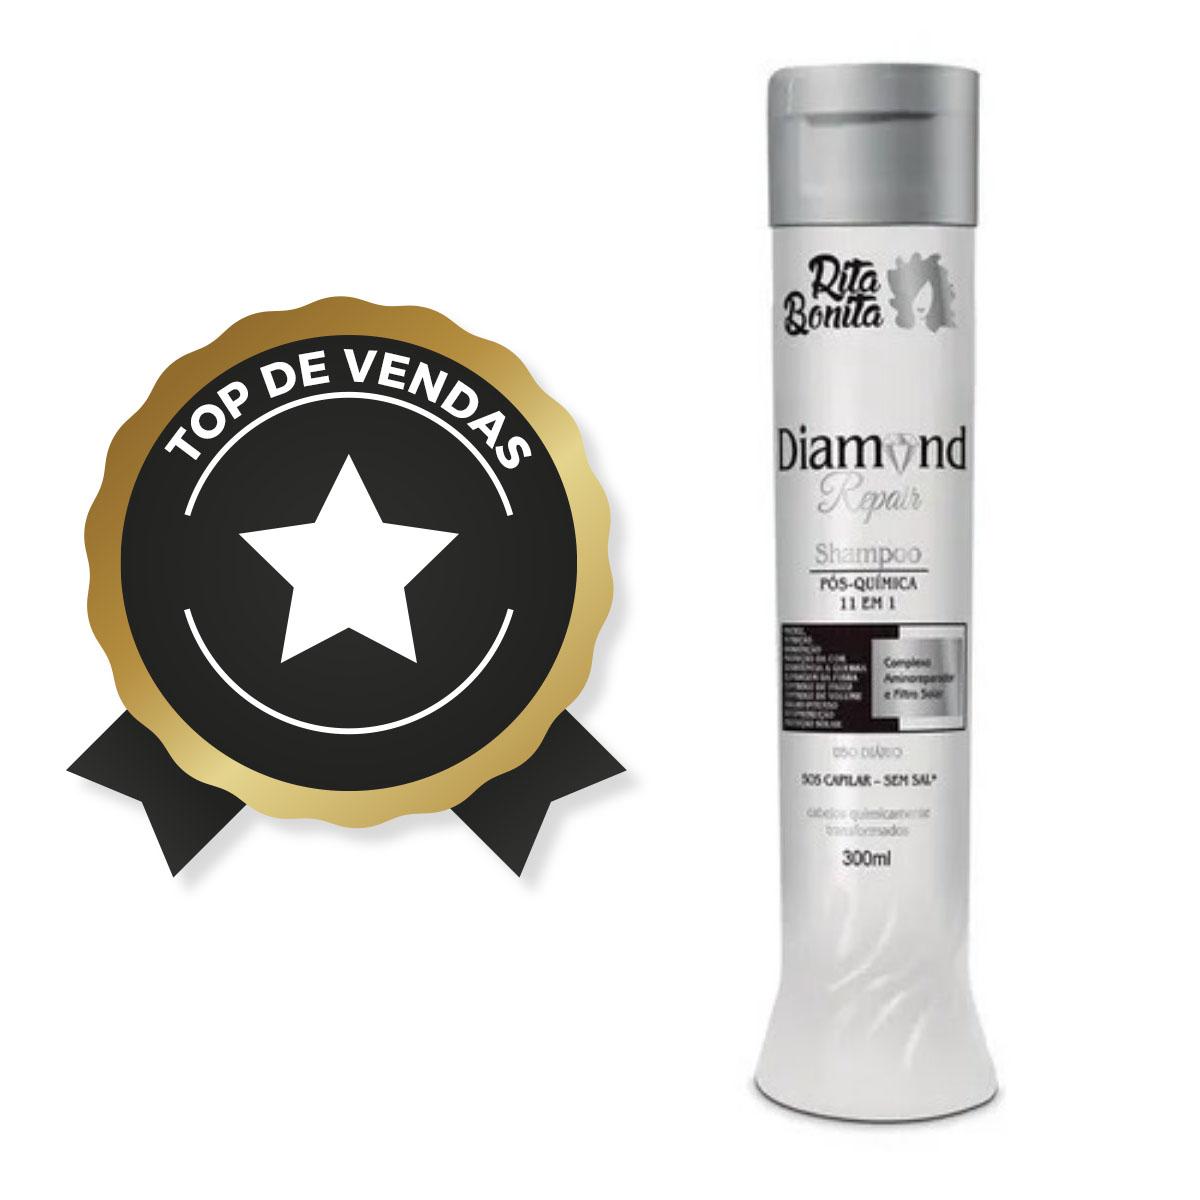 Diamond Repair - Shampoo Rita Bonita 300ml